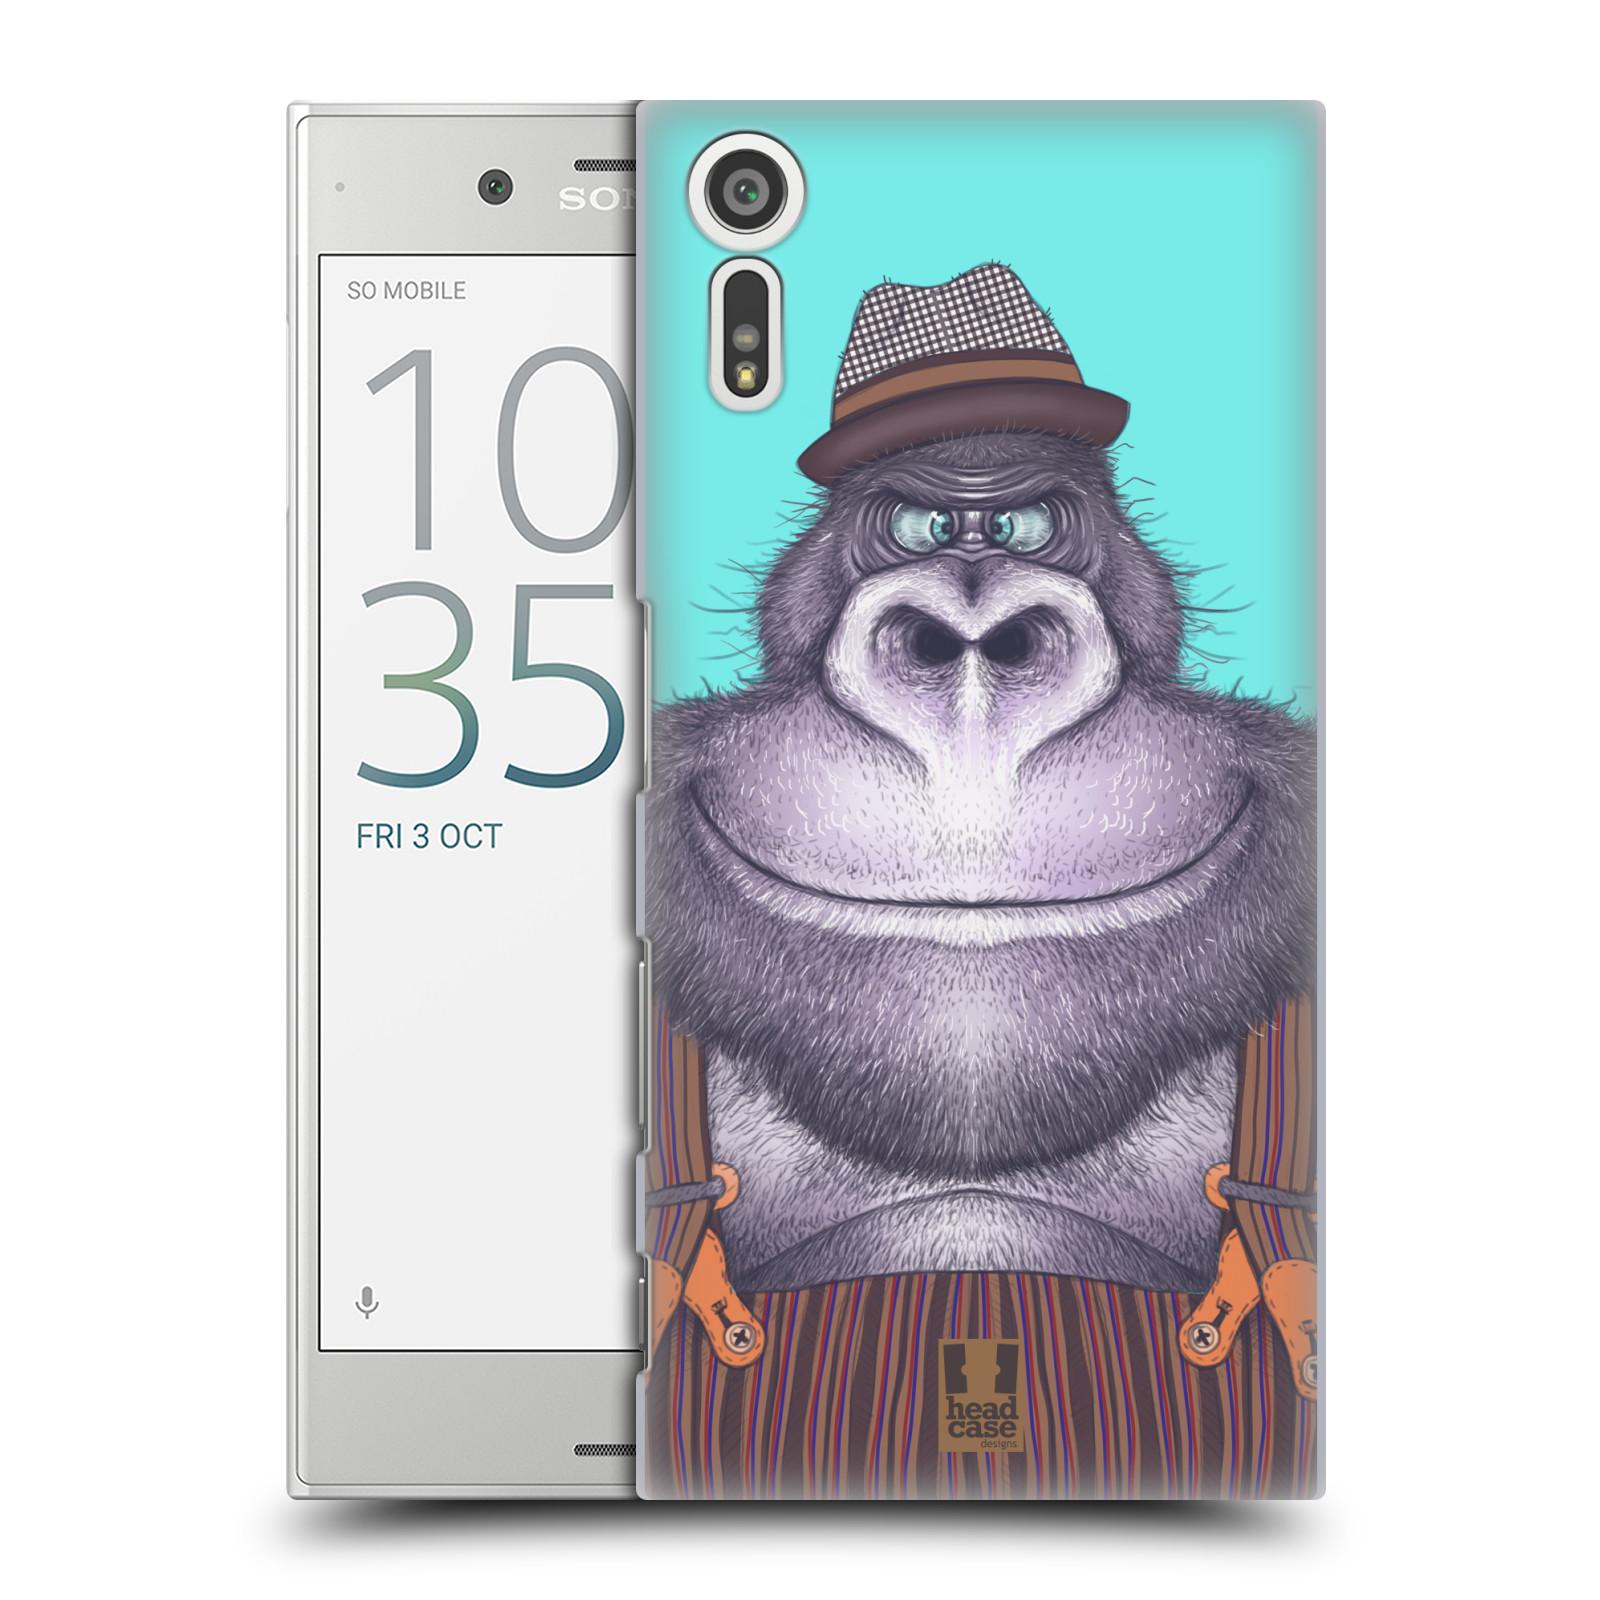 HEAD CASE plastový obal na mobil Sony Xperia XZ vzor Kreslená zvířátka gorila